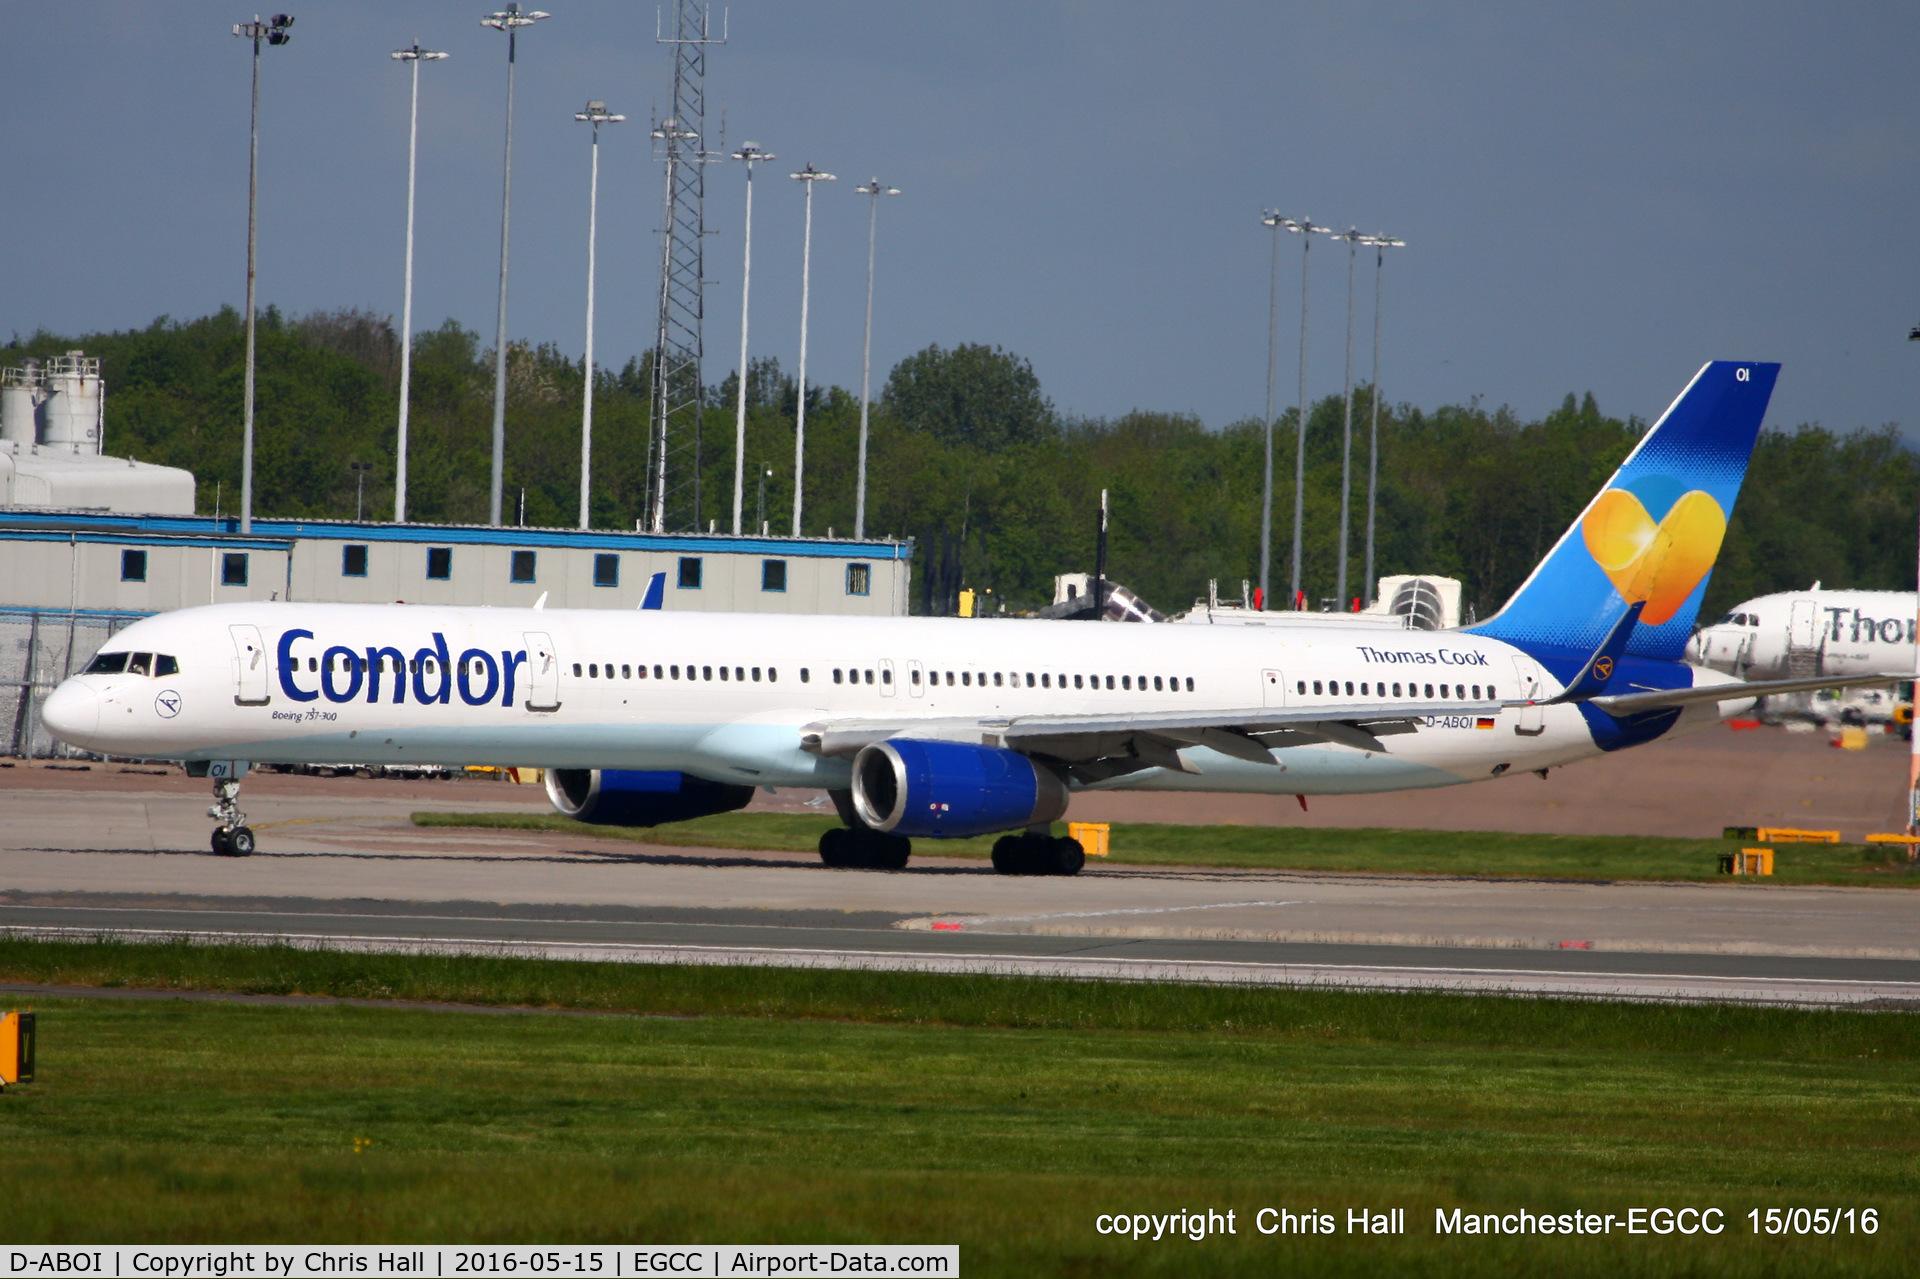 D-ABOI, 2000 Boeing 757-330 C/N 29018, Condor